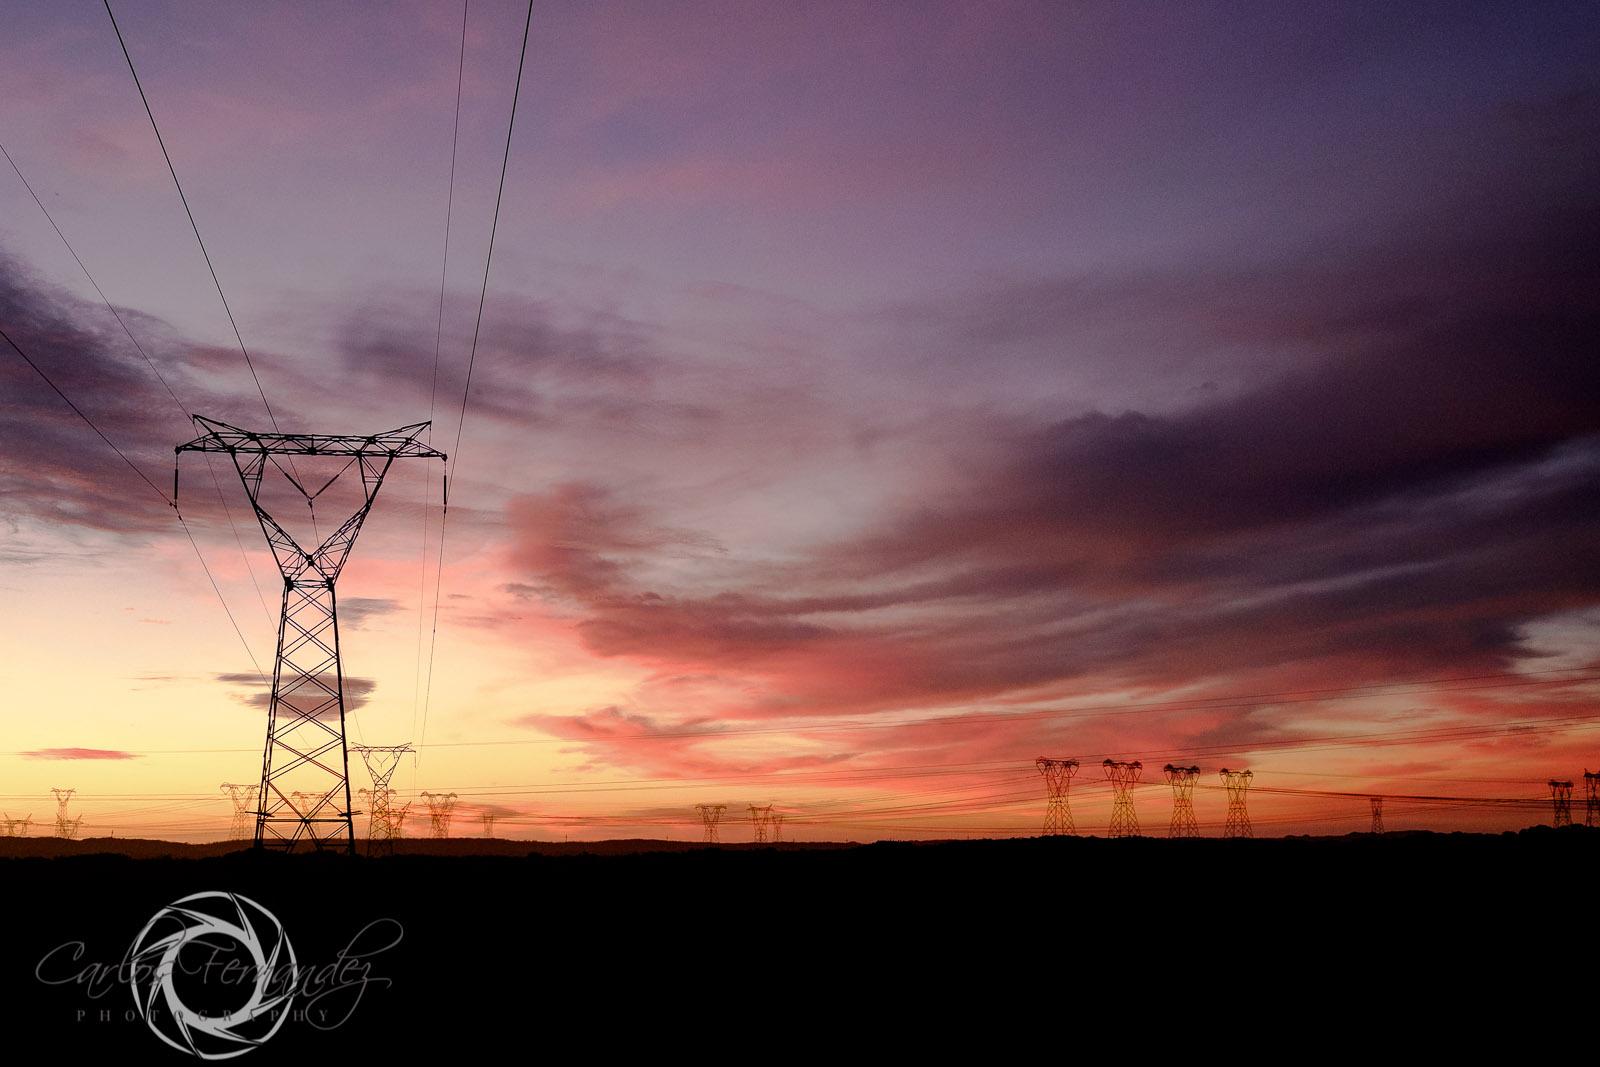 Sunrise at Koeberg - 141/365